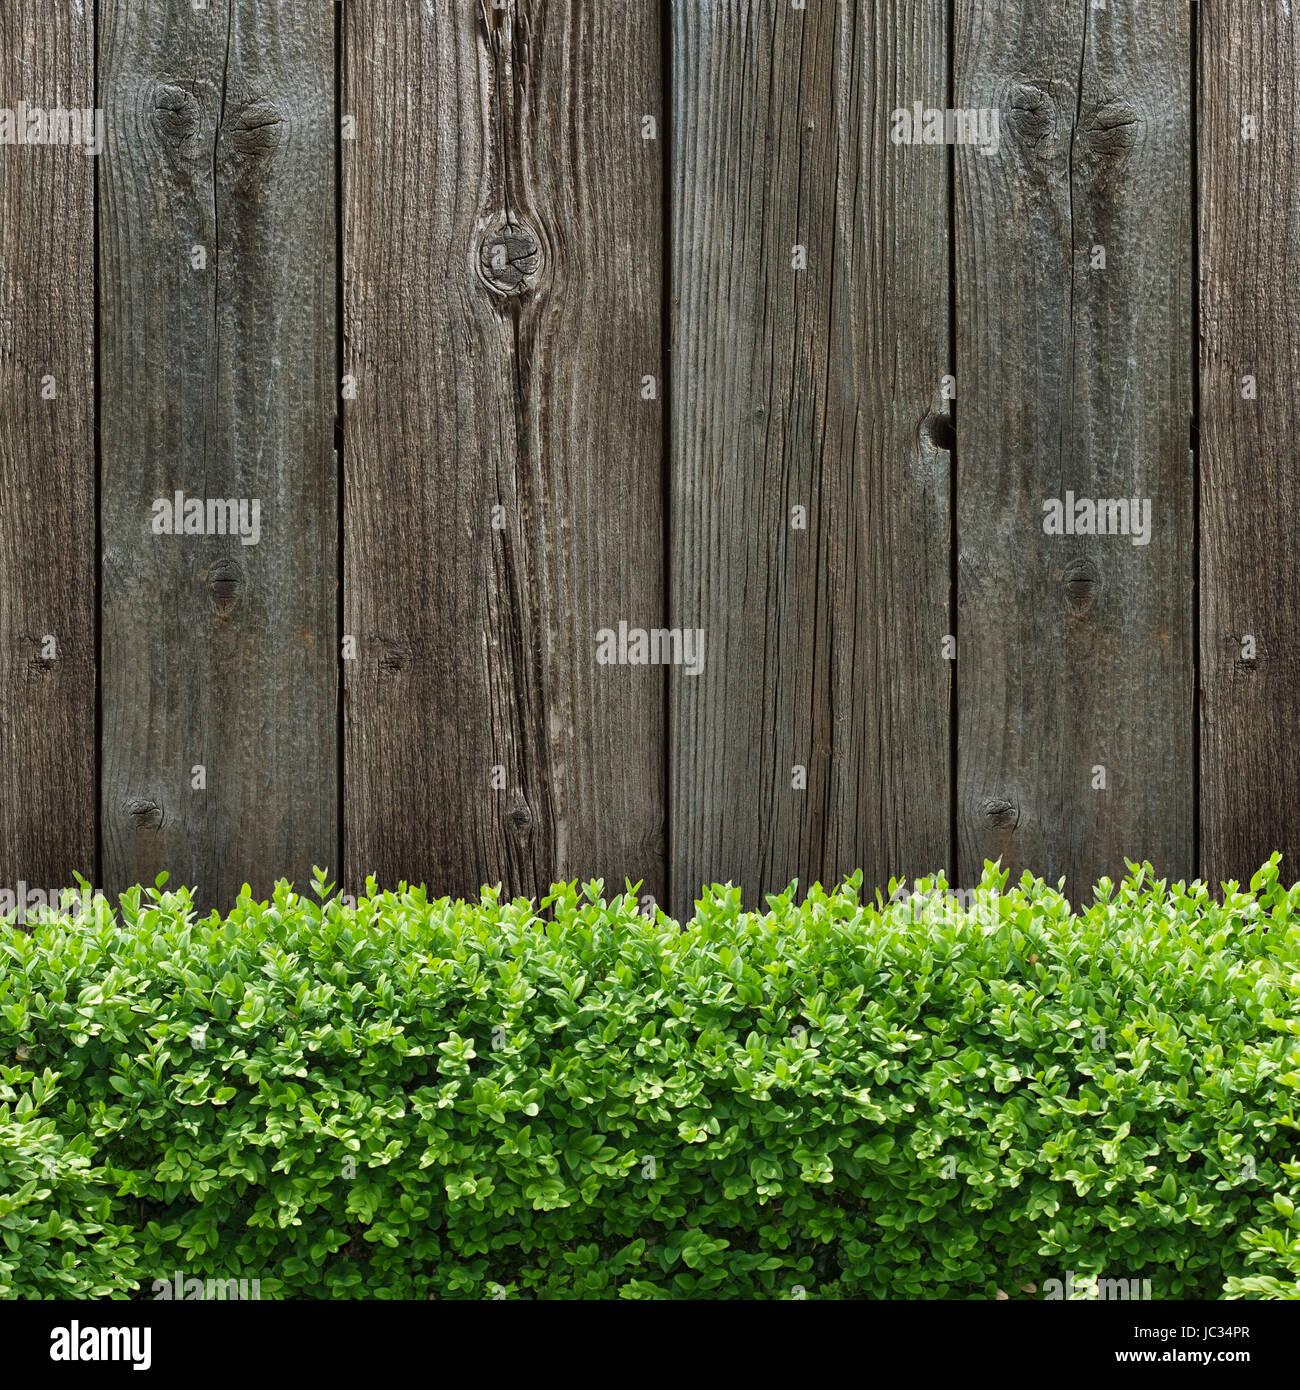 Buchsbaumhecke Stockfotos & Buchsbaumhecke Bilder Alamy